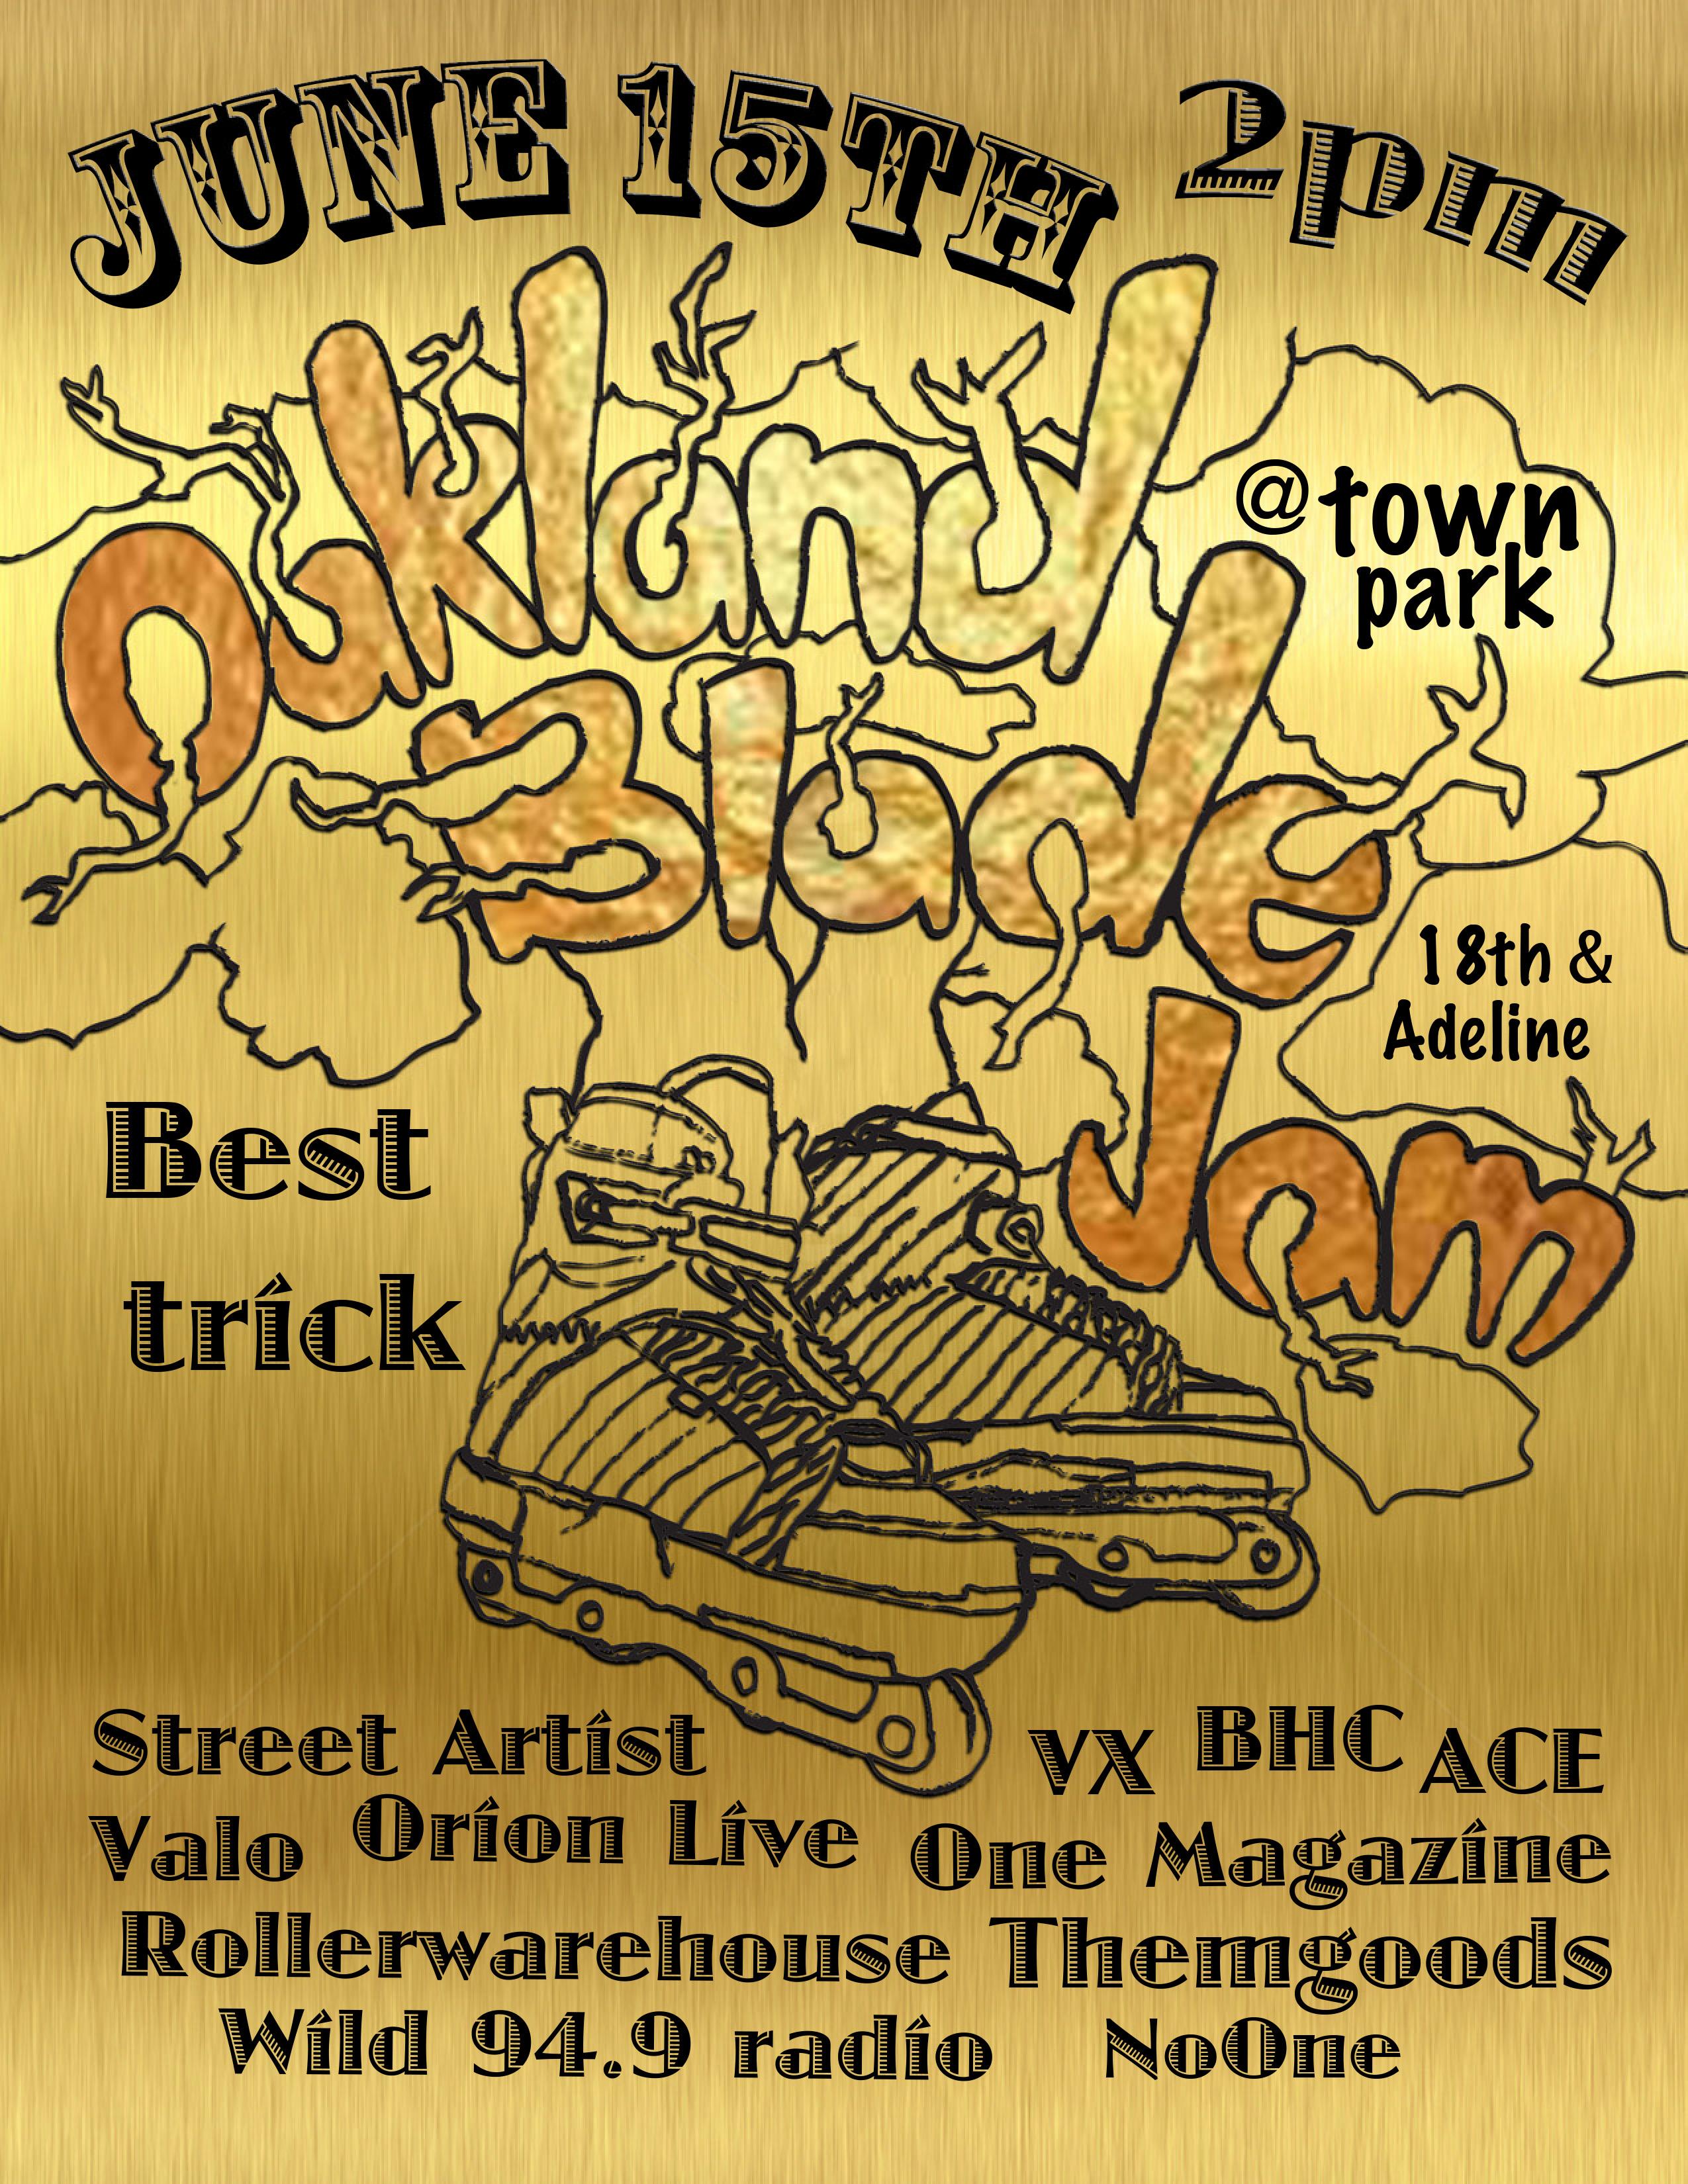 Oakland Blade Jam